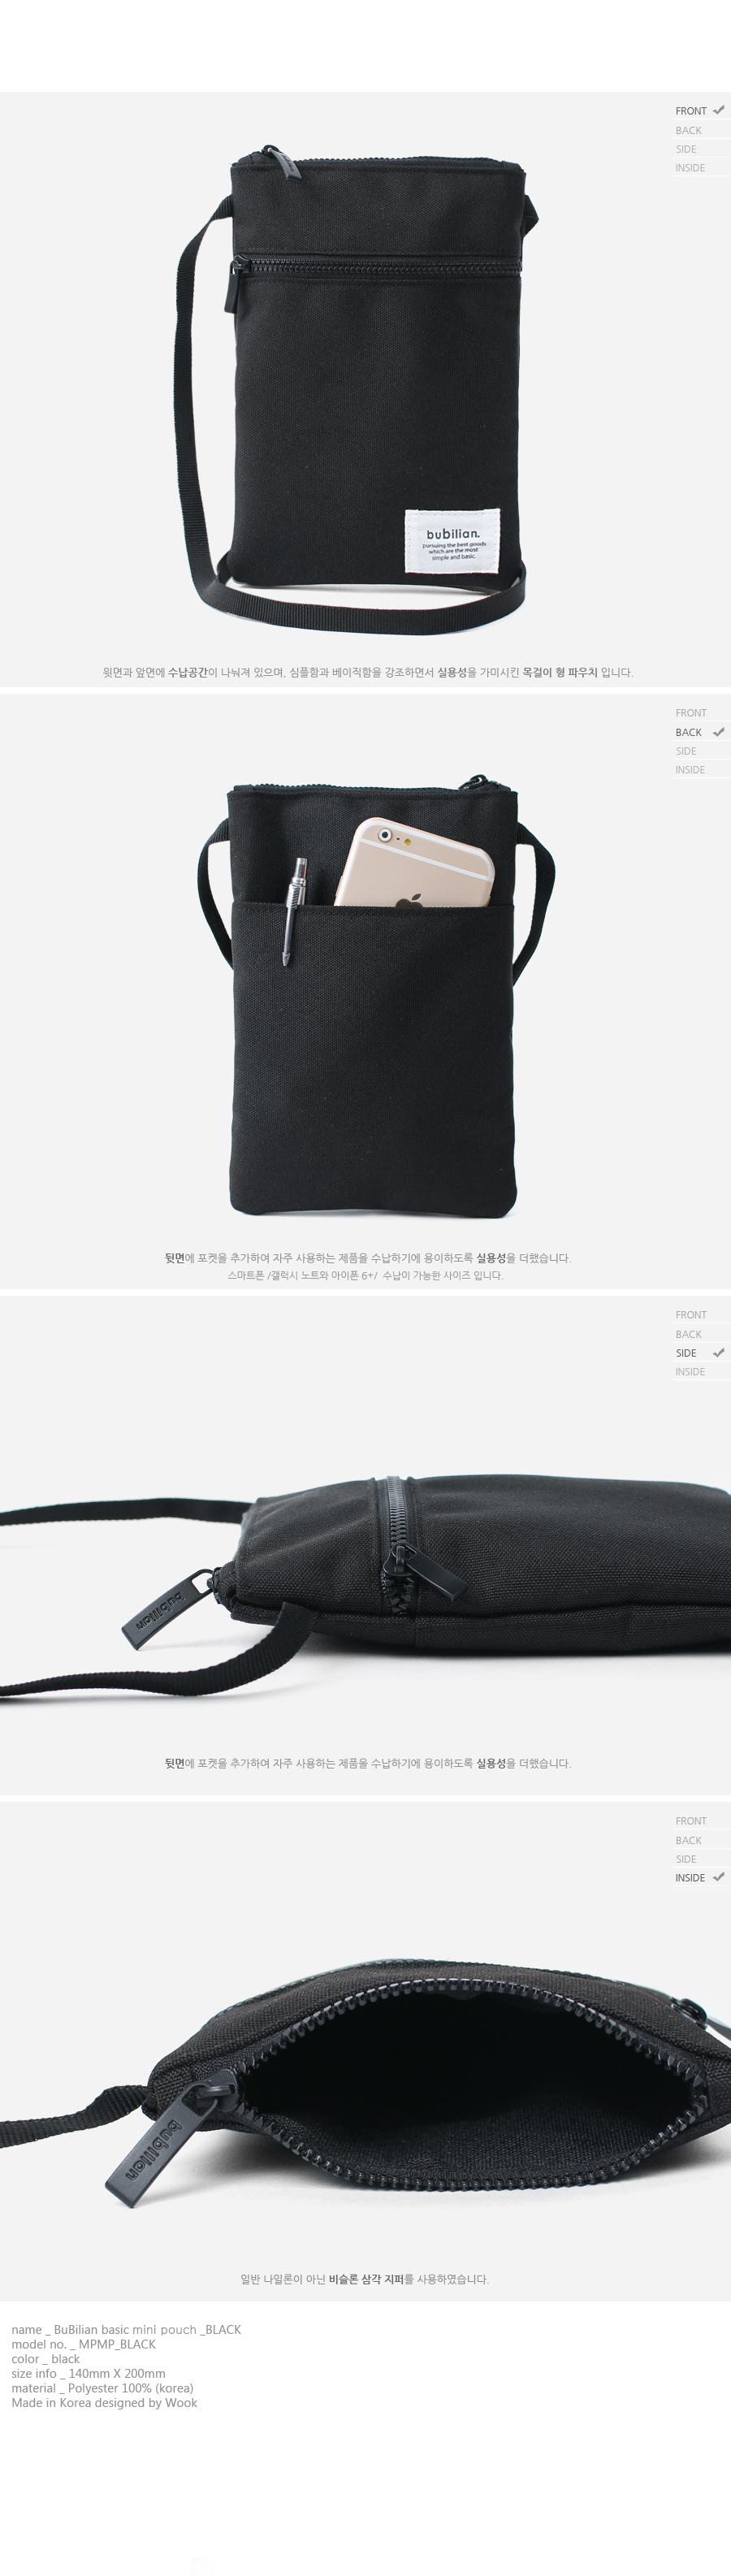 BNTP_BLACK-900-2.jpg